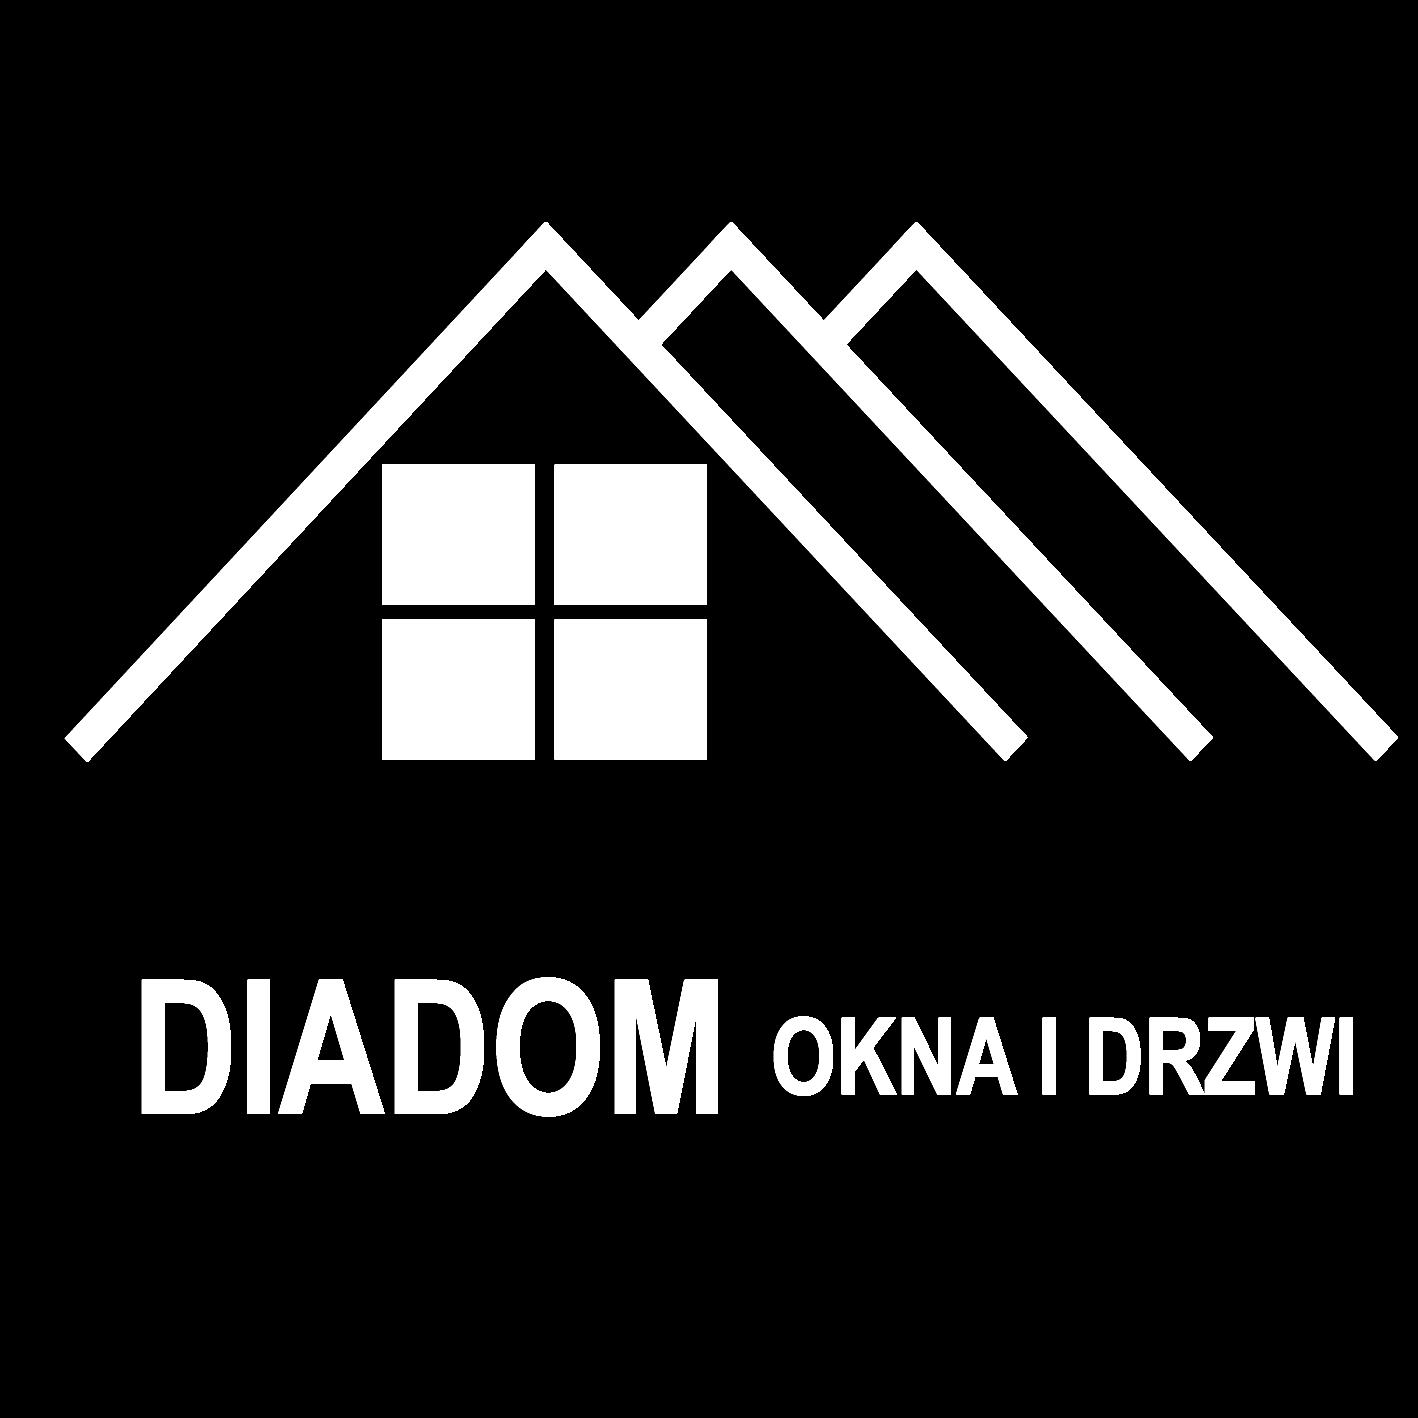 DIADOM